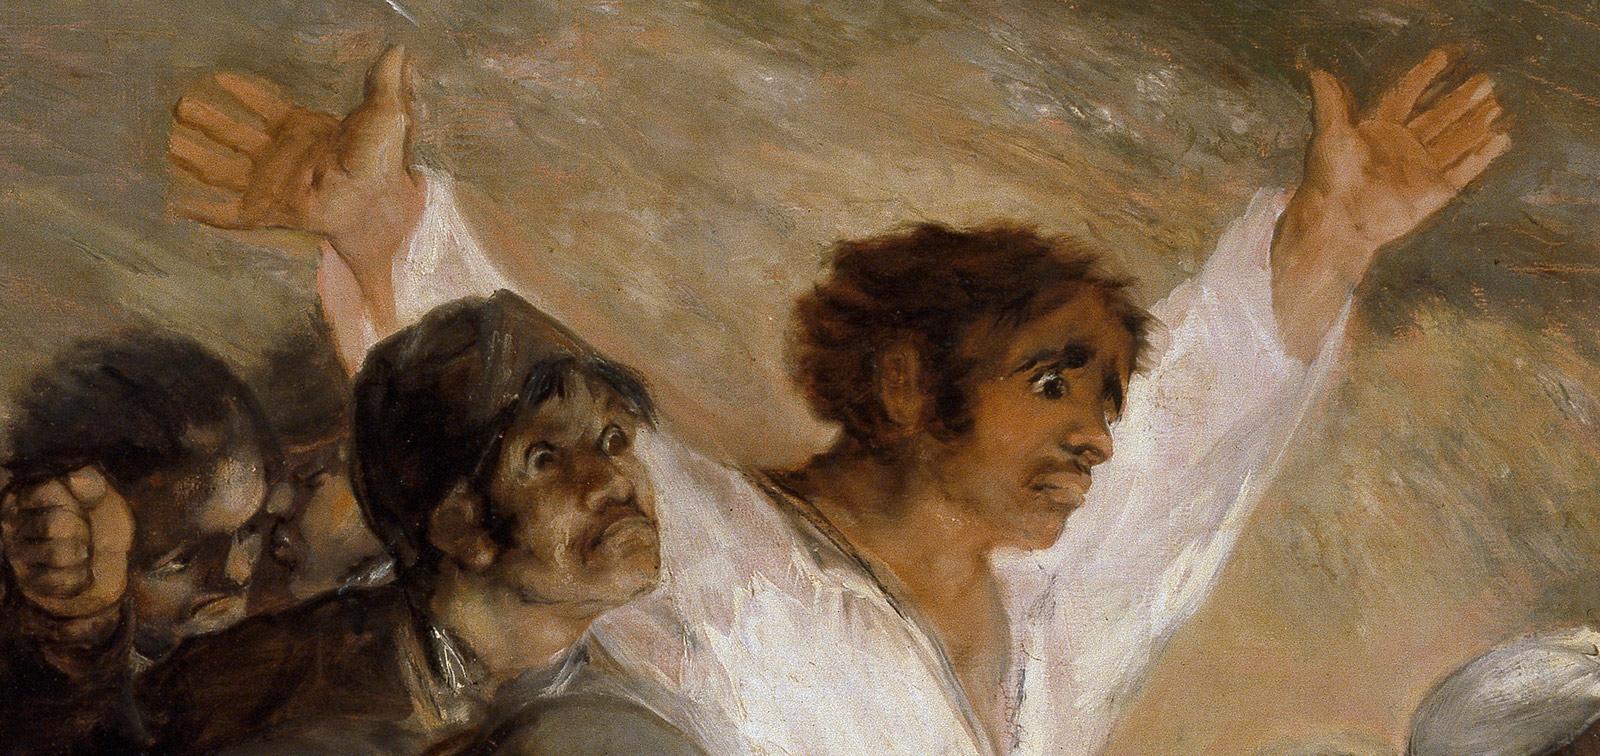 XXIX Festival Internacional de Arte Sacro de la Comunidad de Madrid: Trío Arbós y Rafael de Utrera, Jorge Pardo e Hippocampus y María José Llergo